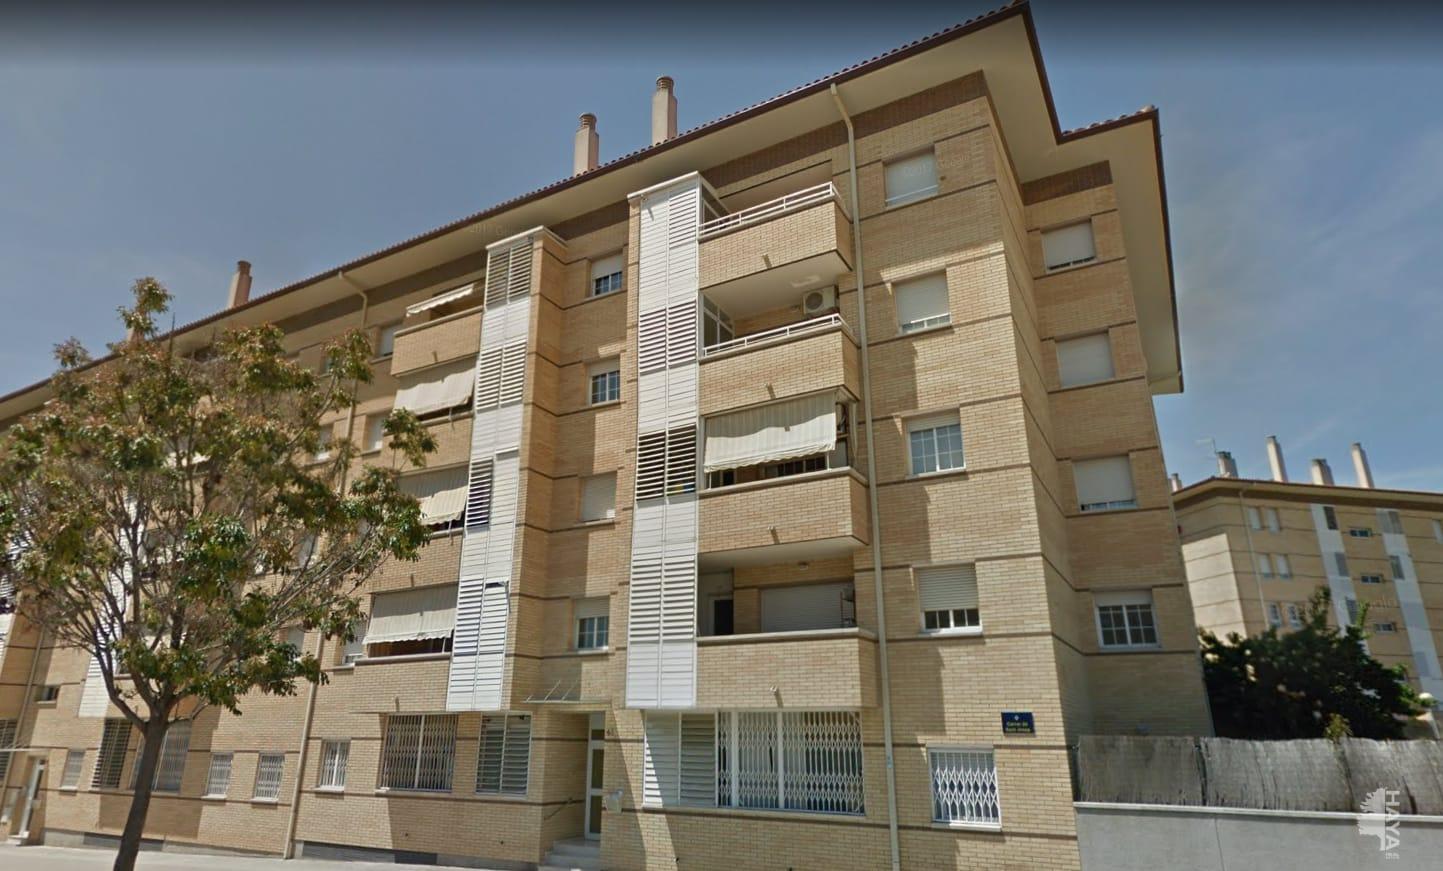 Piso en venta en Ripollet, Barcelona, Calle Sant Josep, 174.662 €, 3 habitaciones, 2 baños, 112 m2